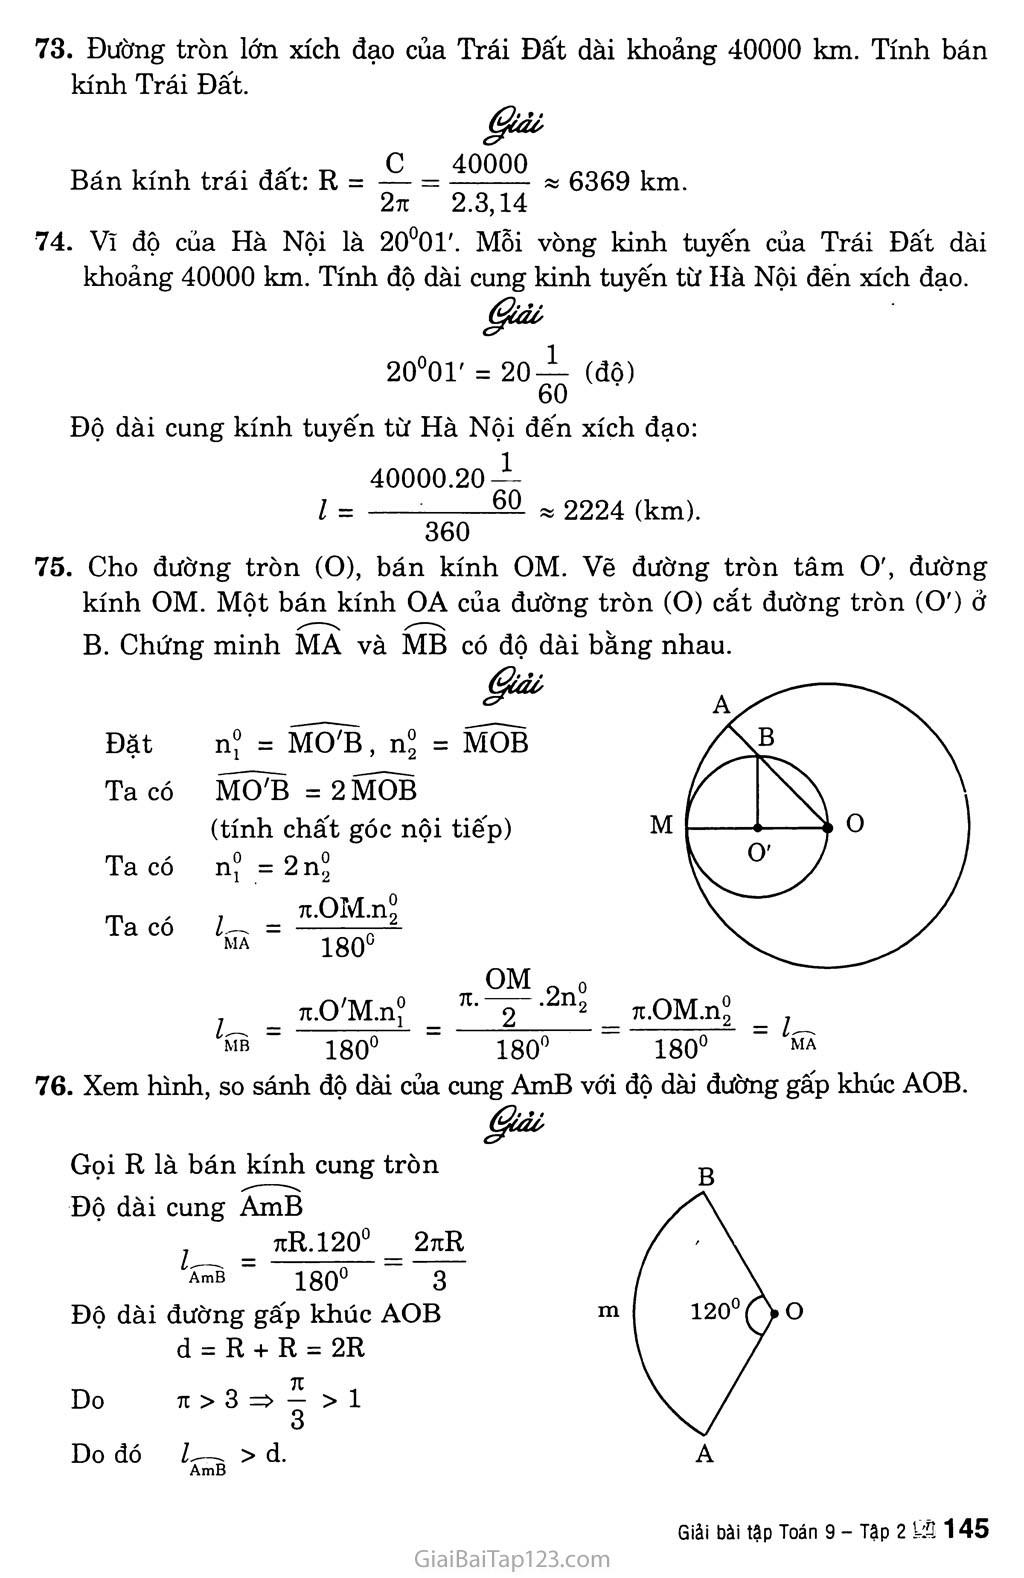 Bài 9. Độ dài đường tròn, cung tròn trang 6